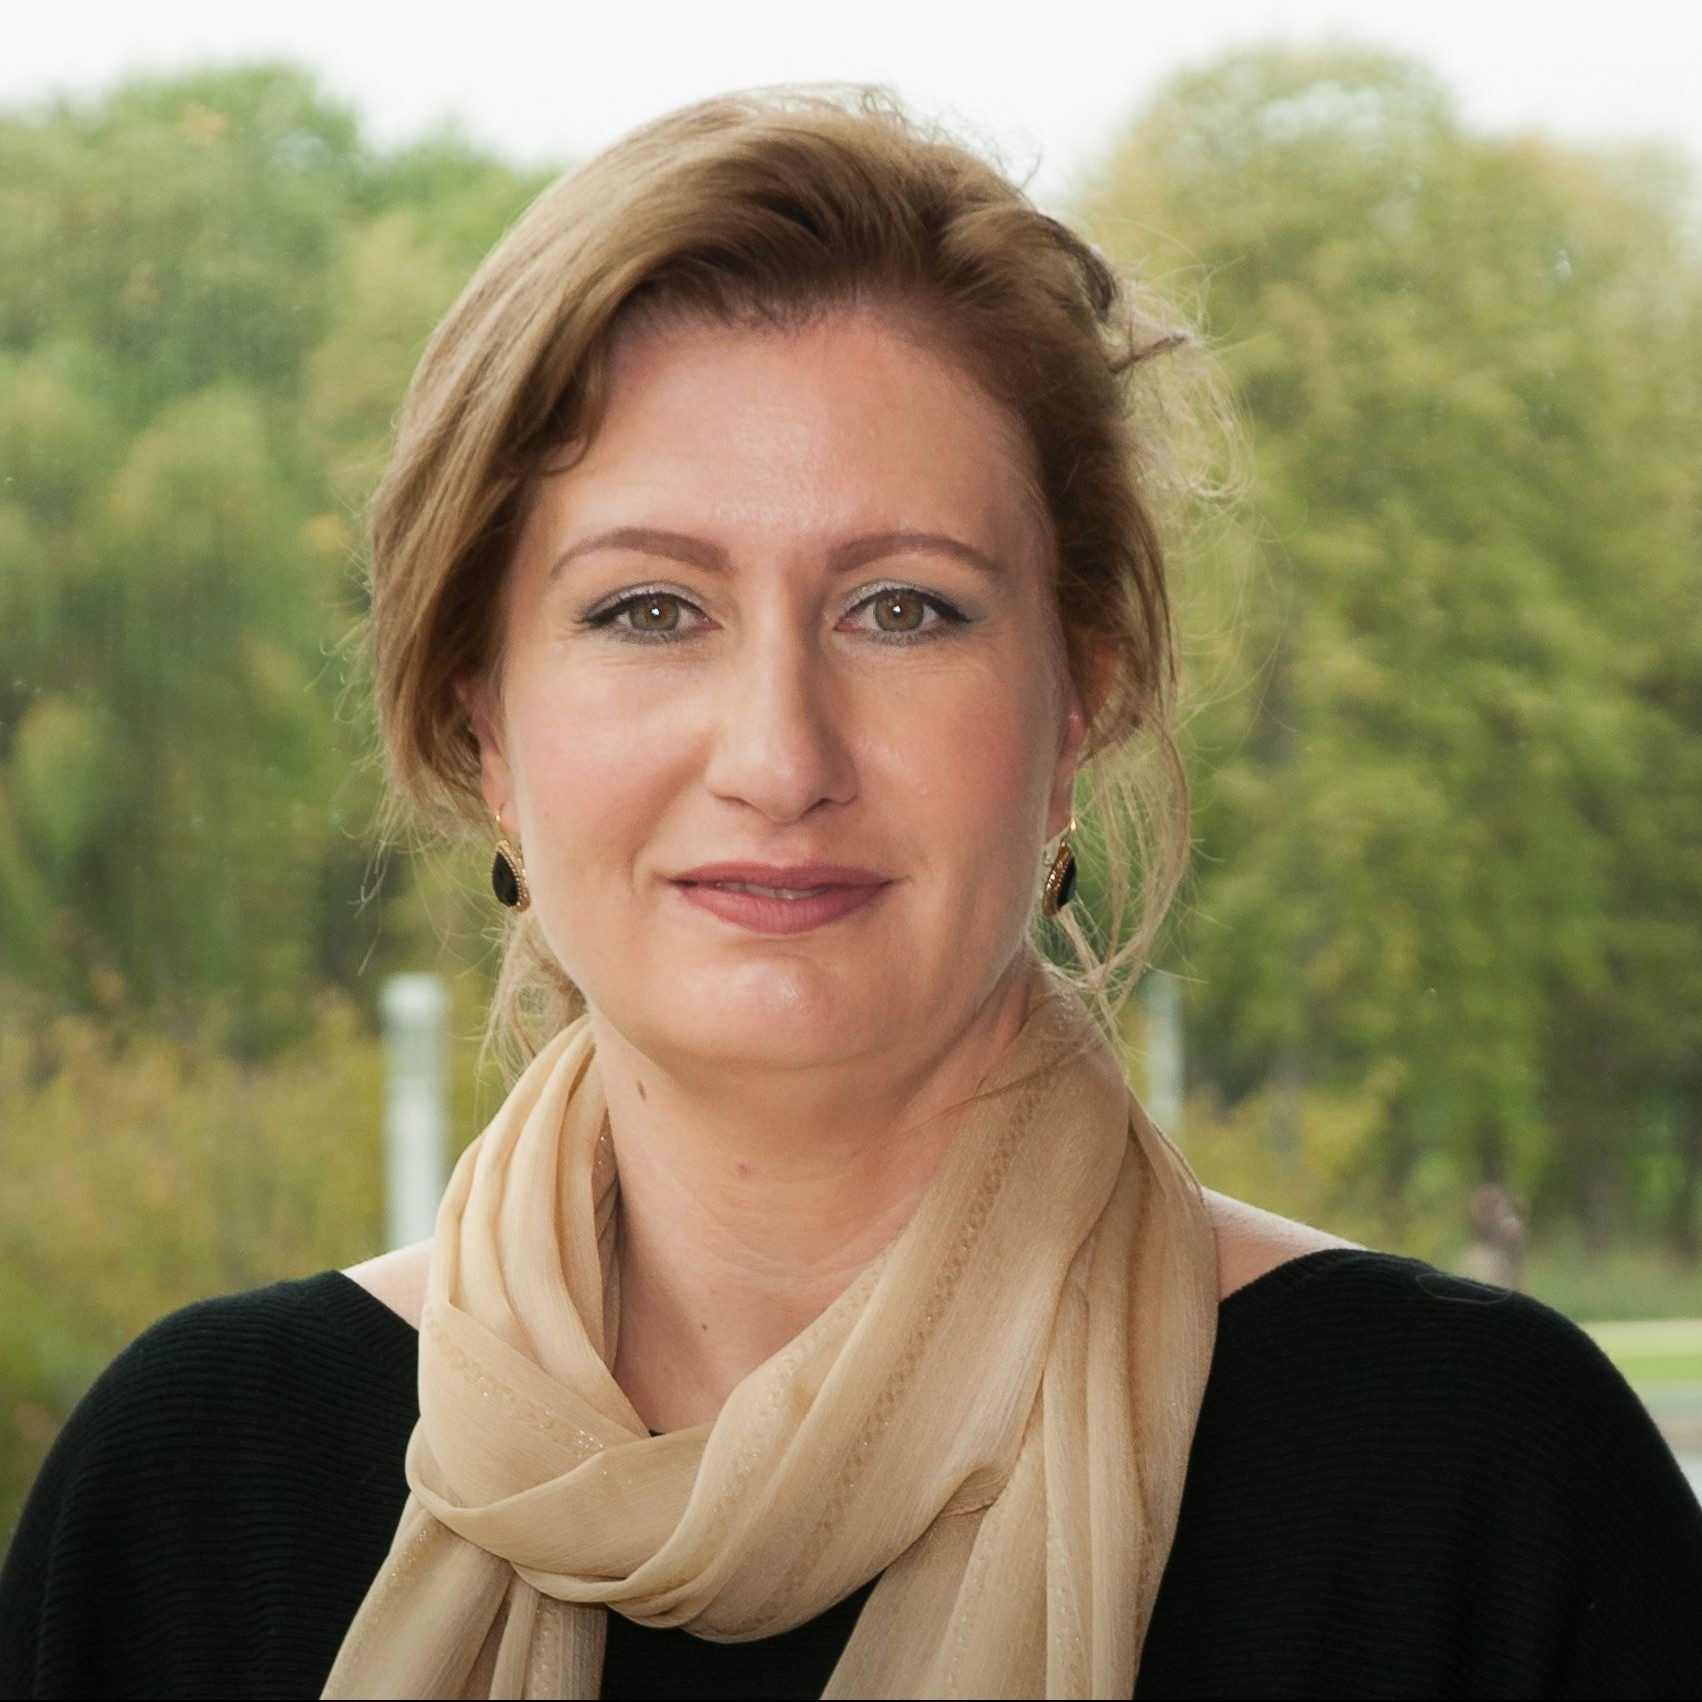 Semiha Denktaş, Hoogleraar gezondheidspsychologie, Erasmus School of Social and Behavioural Sciences, Erasmus Universiteit